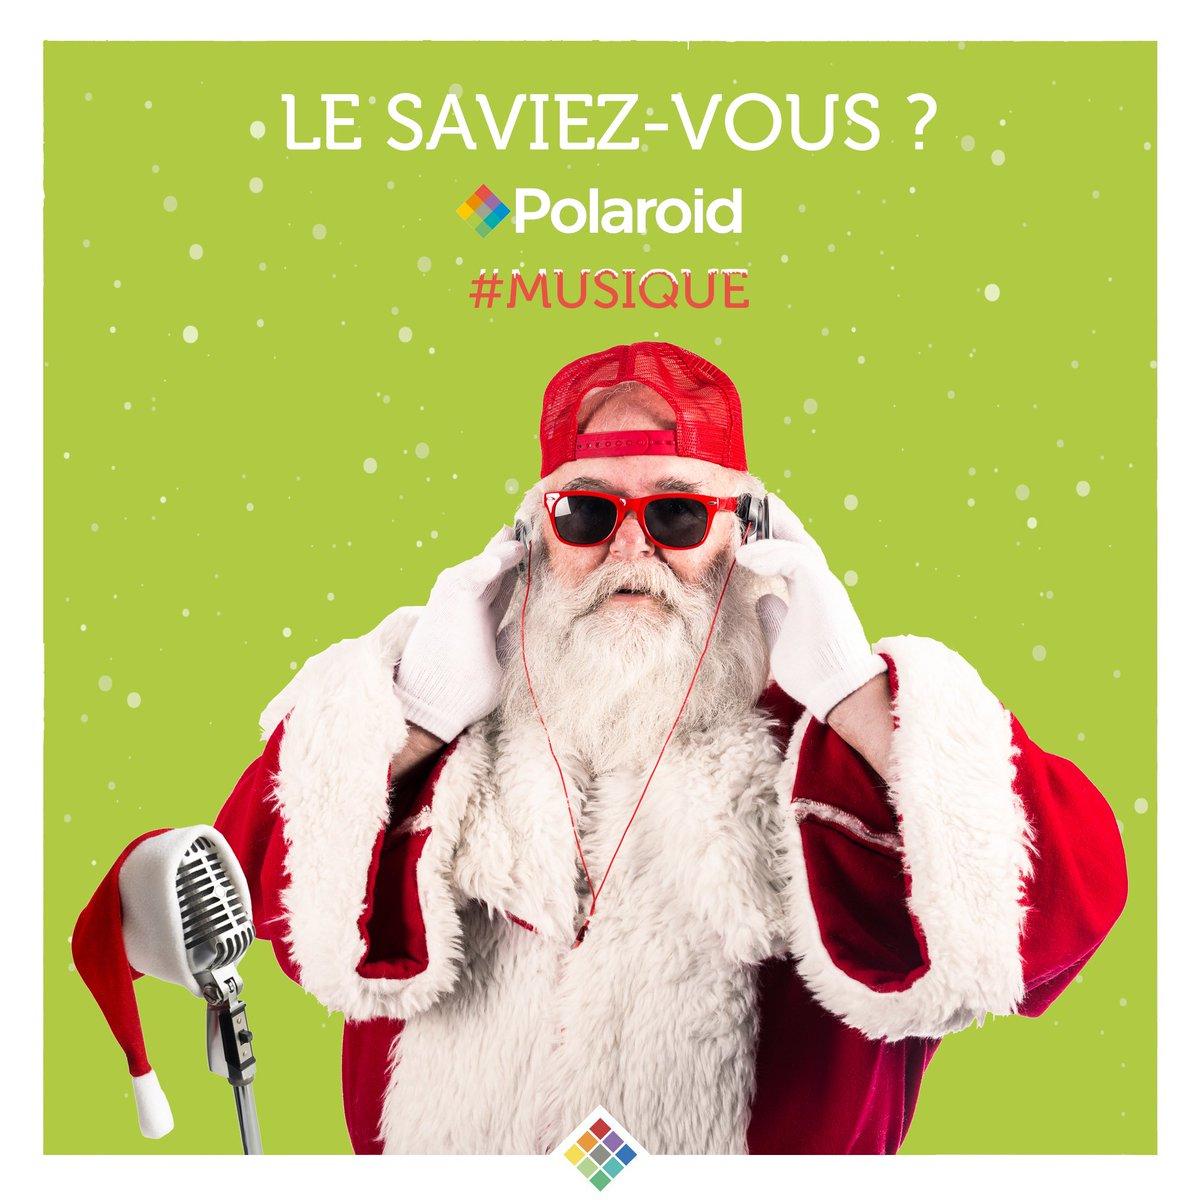 """Polaroidfrance On Twitter: """"#lesaviezvous : La Chanson concernant Papa Noel Parole"""